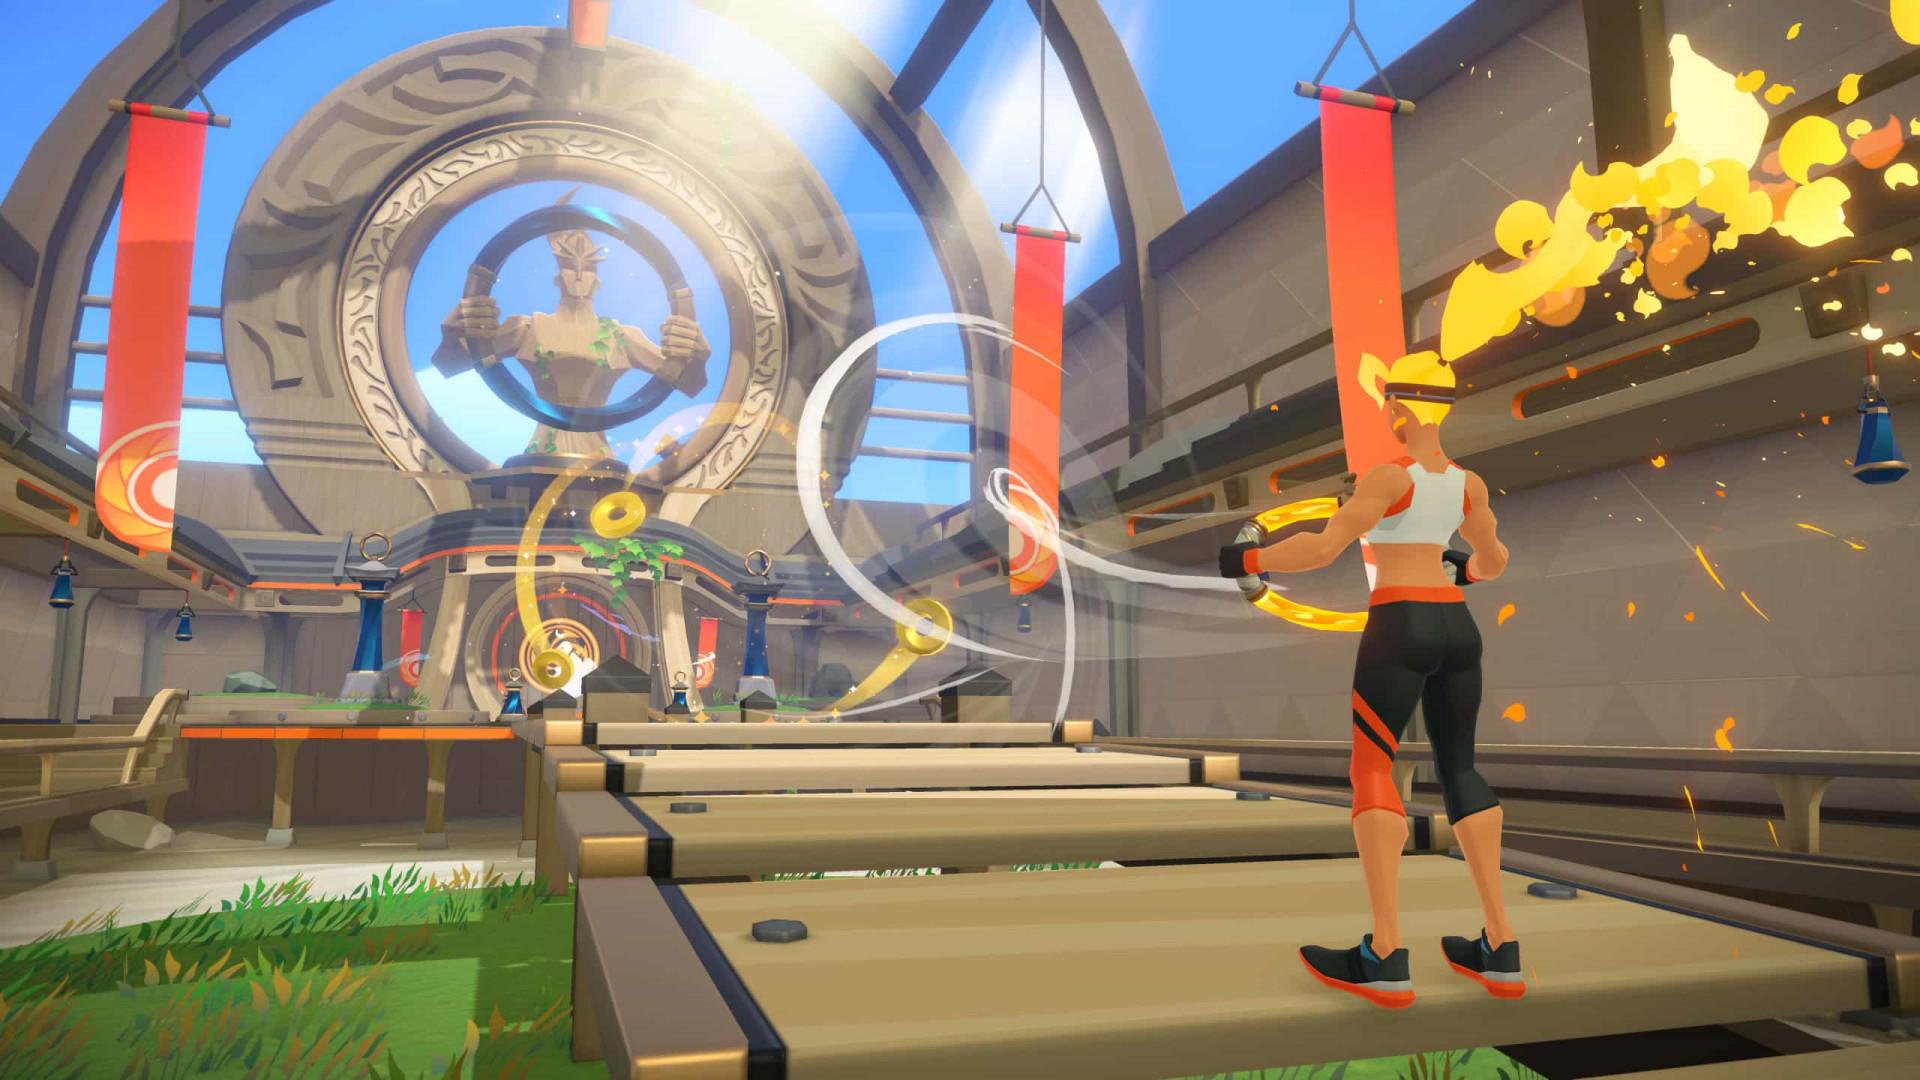 A Nintendo quer levá-lo numa aventura enquanto faz exercício